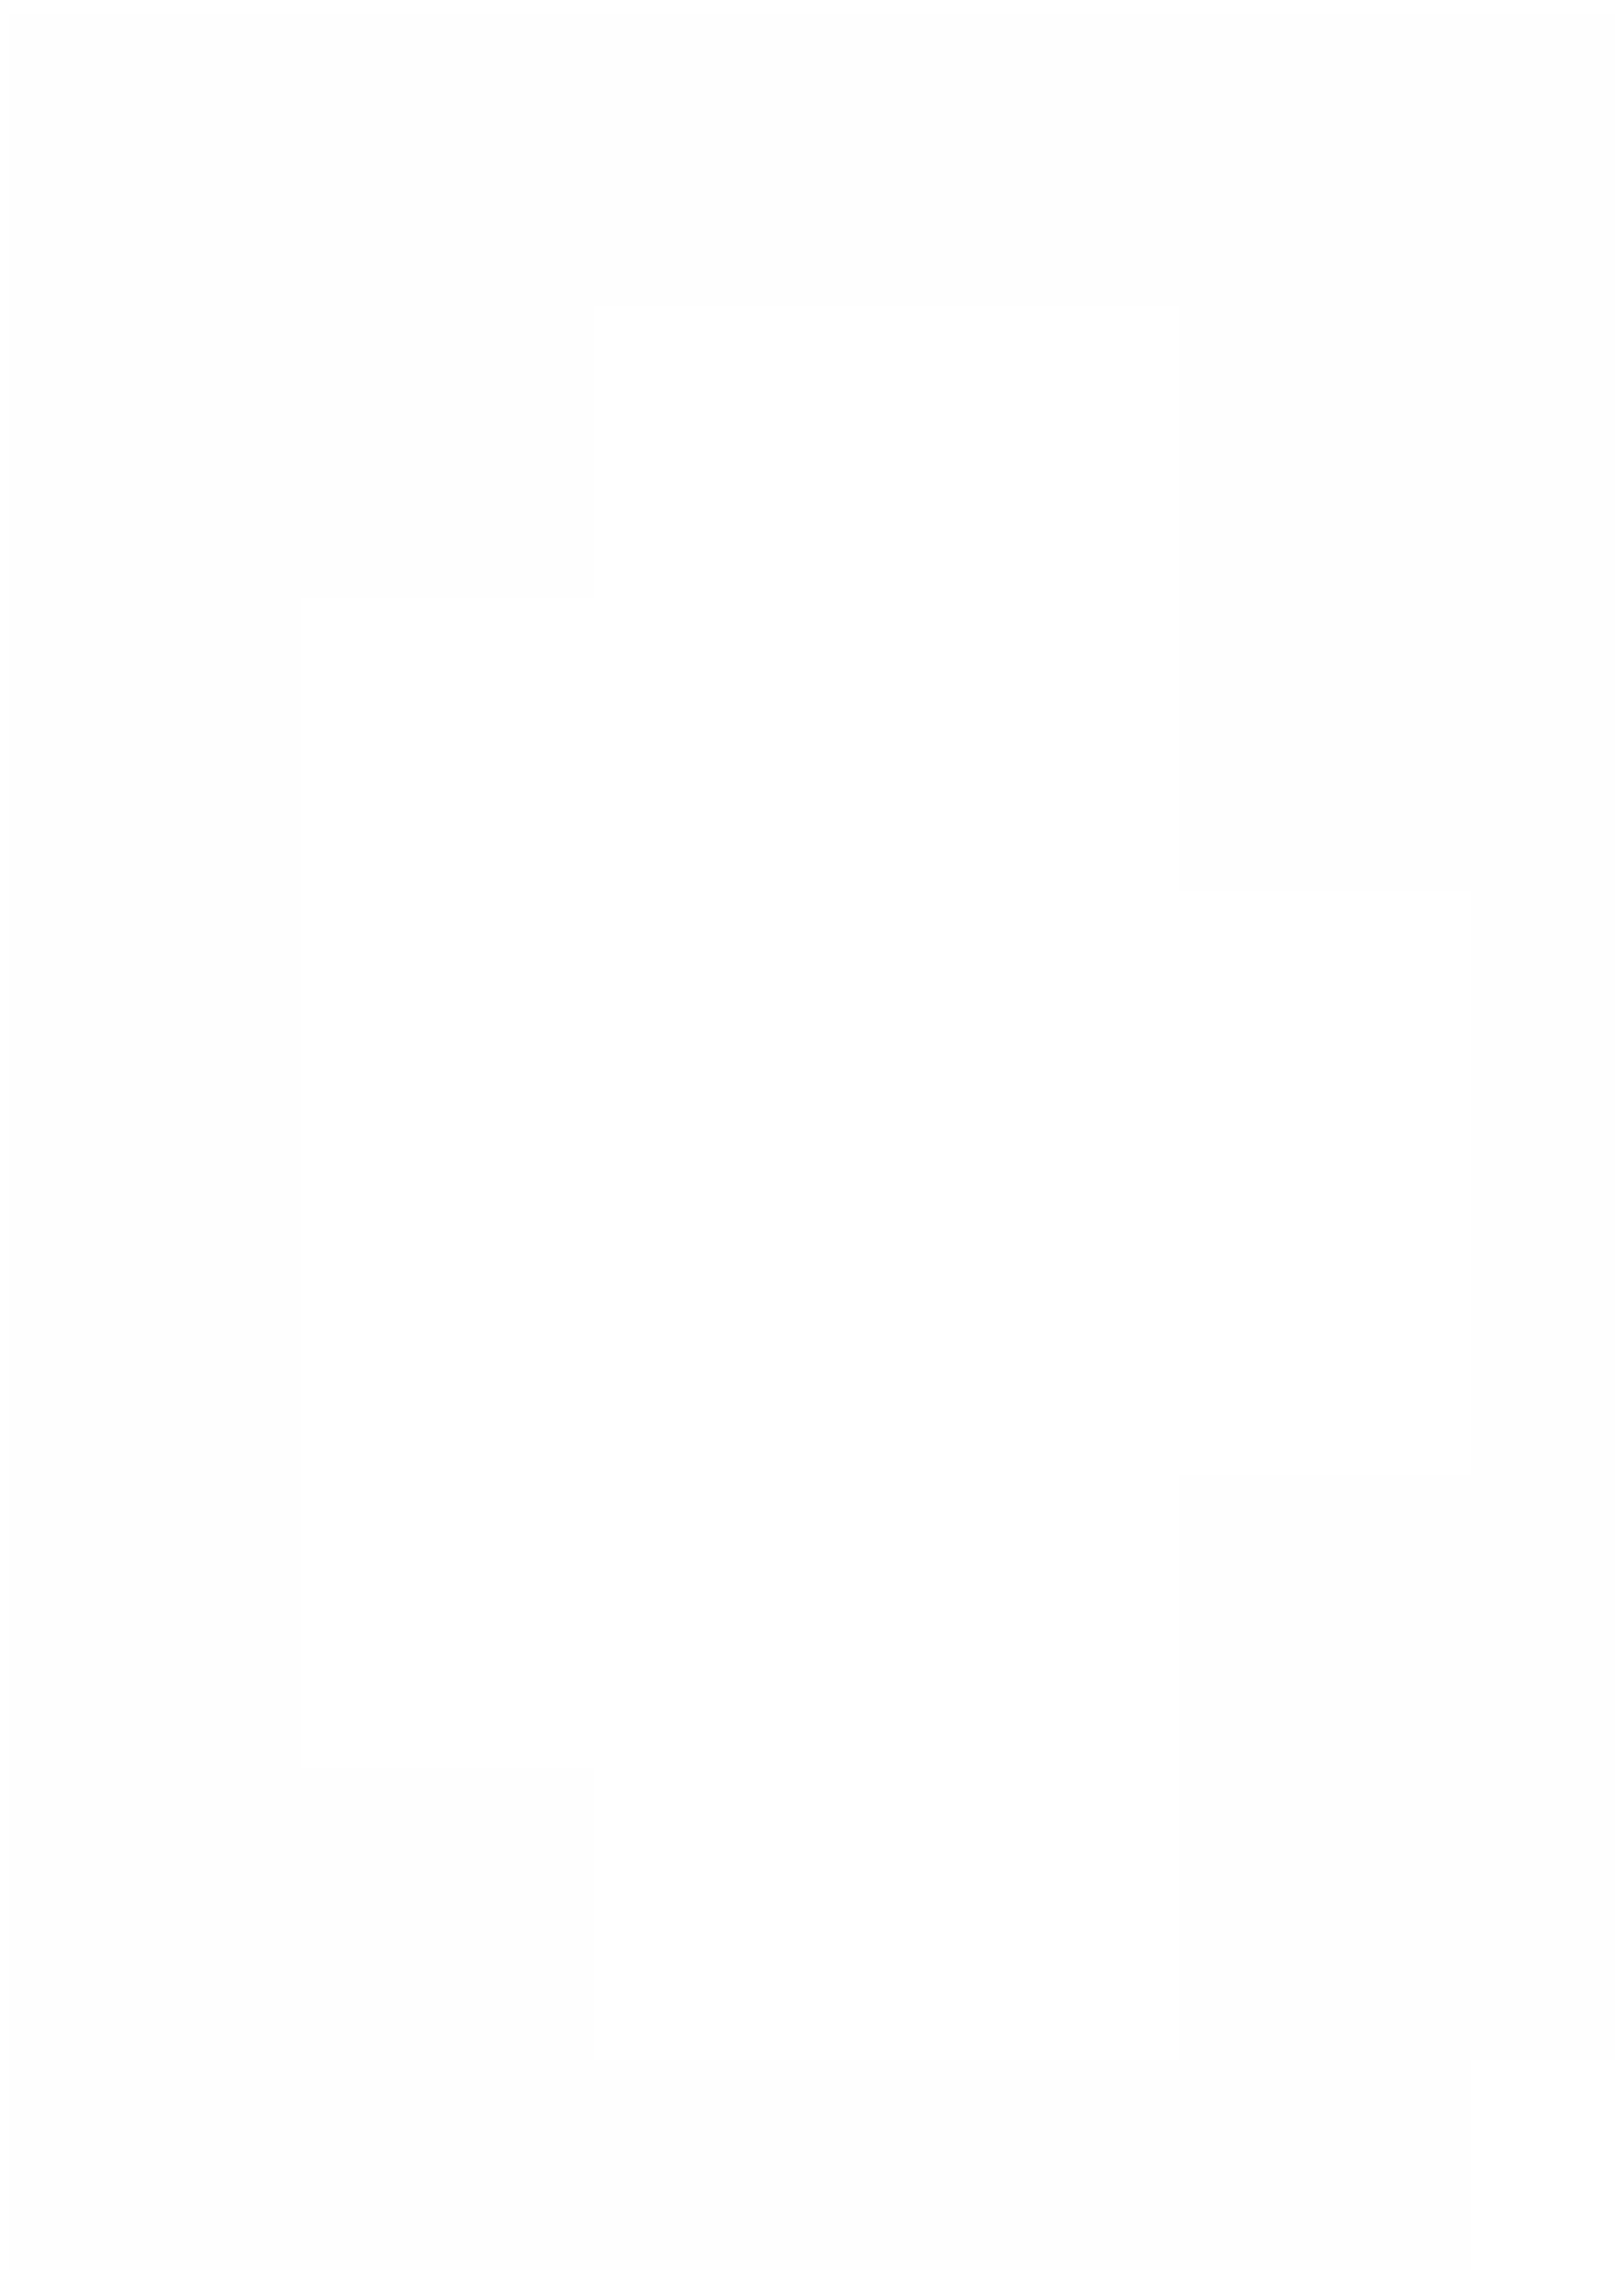 Frame clip art image. White border png